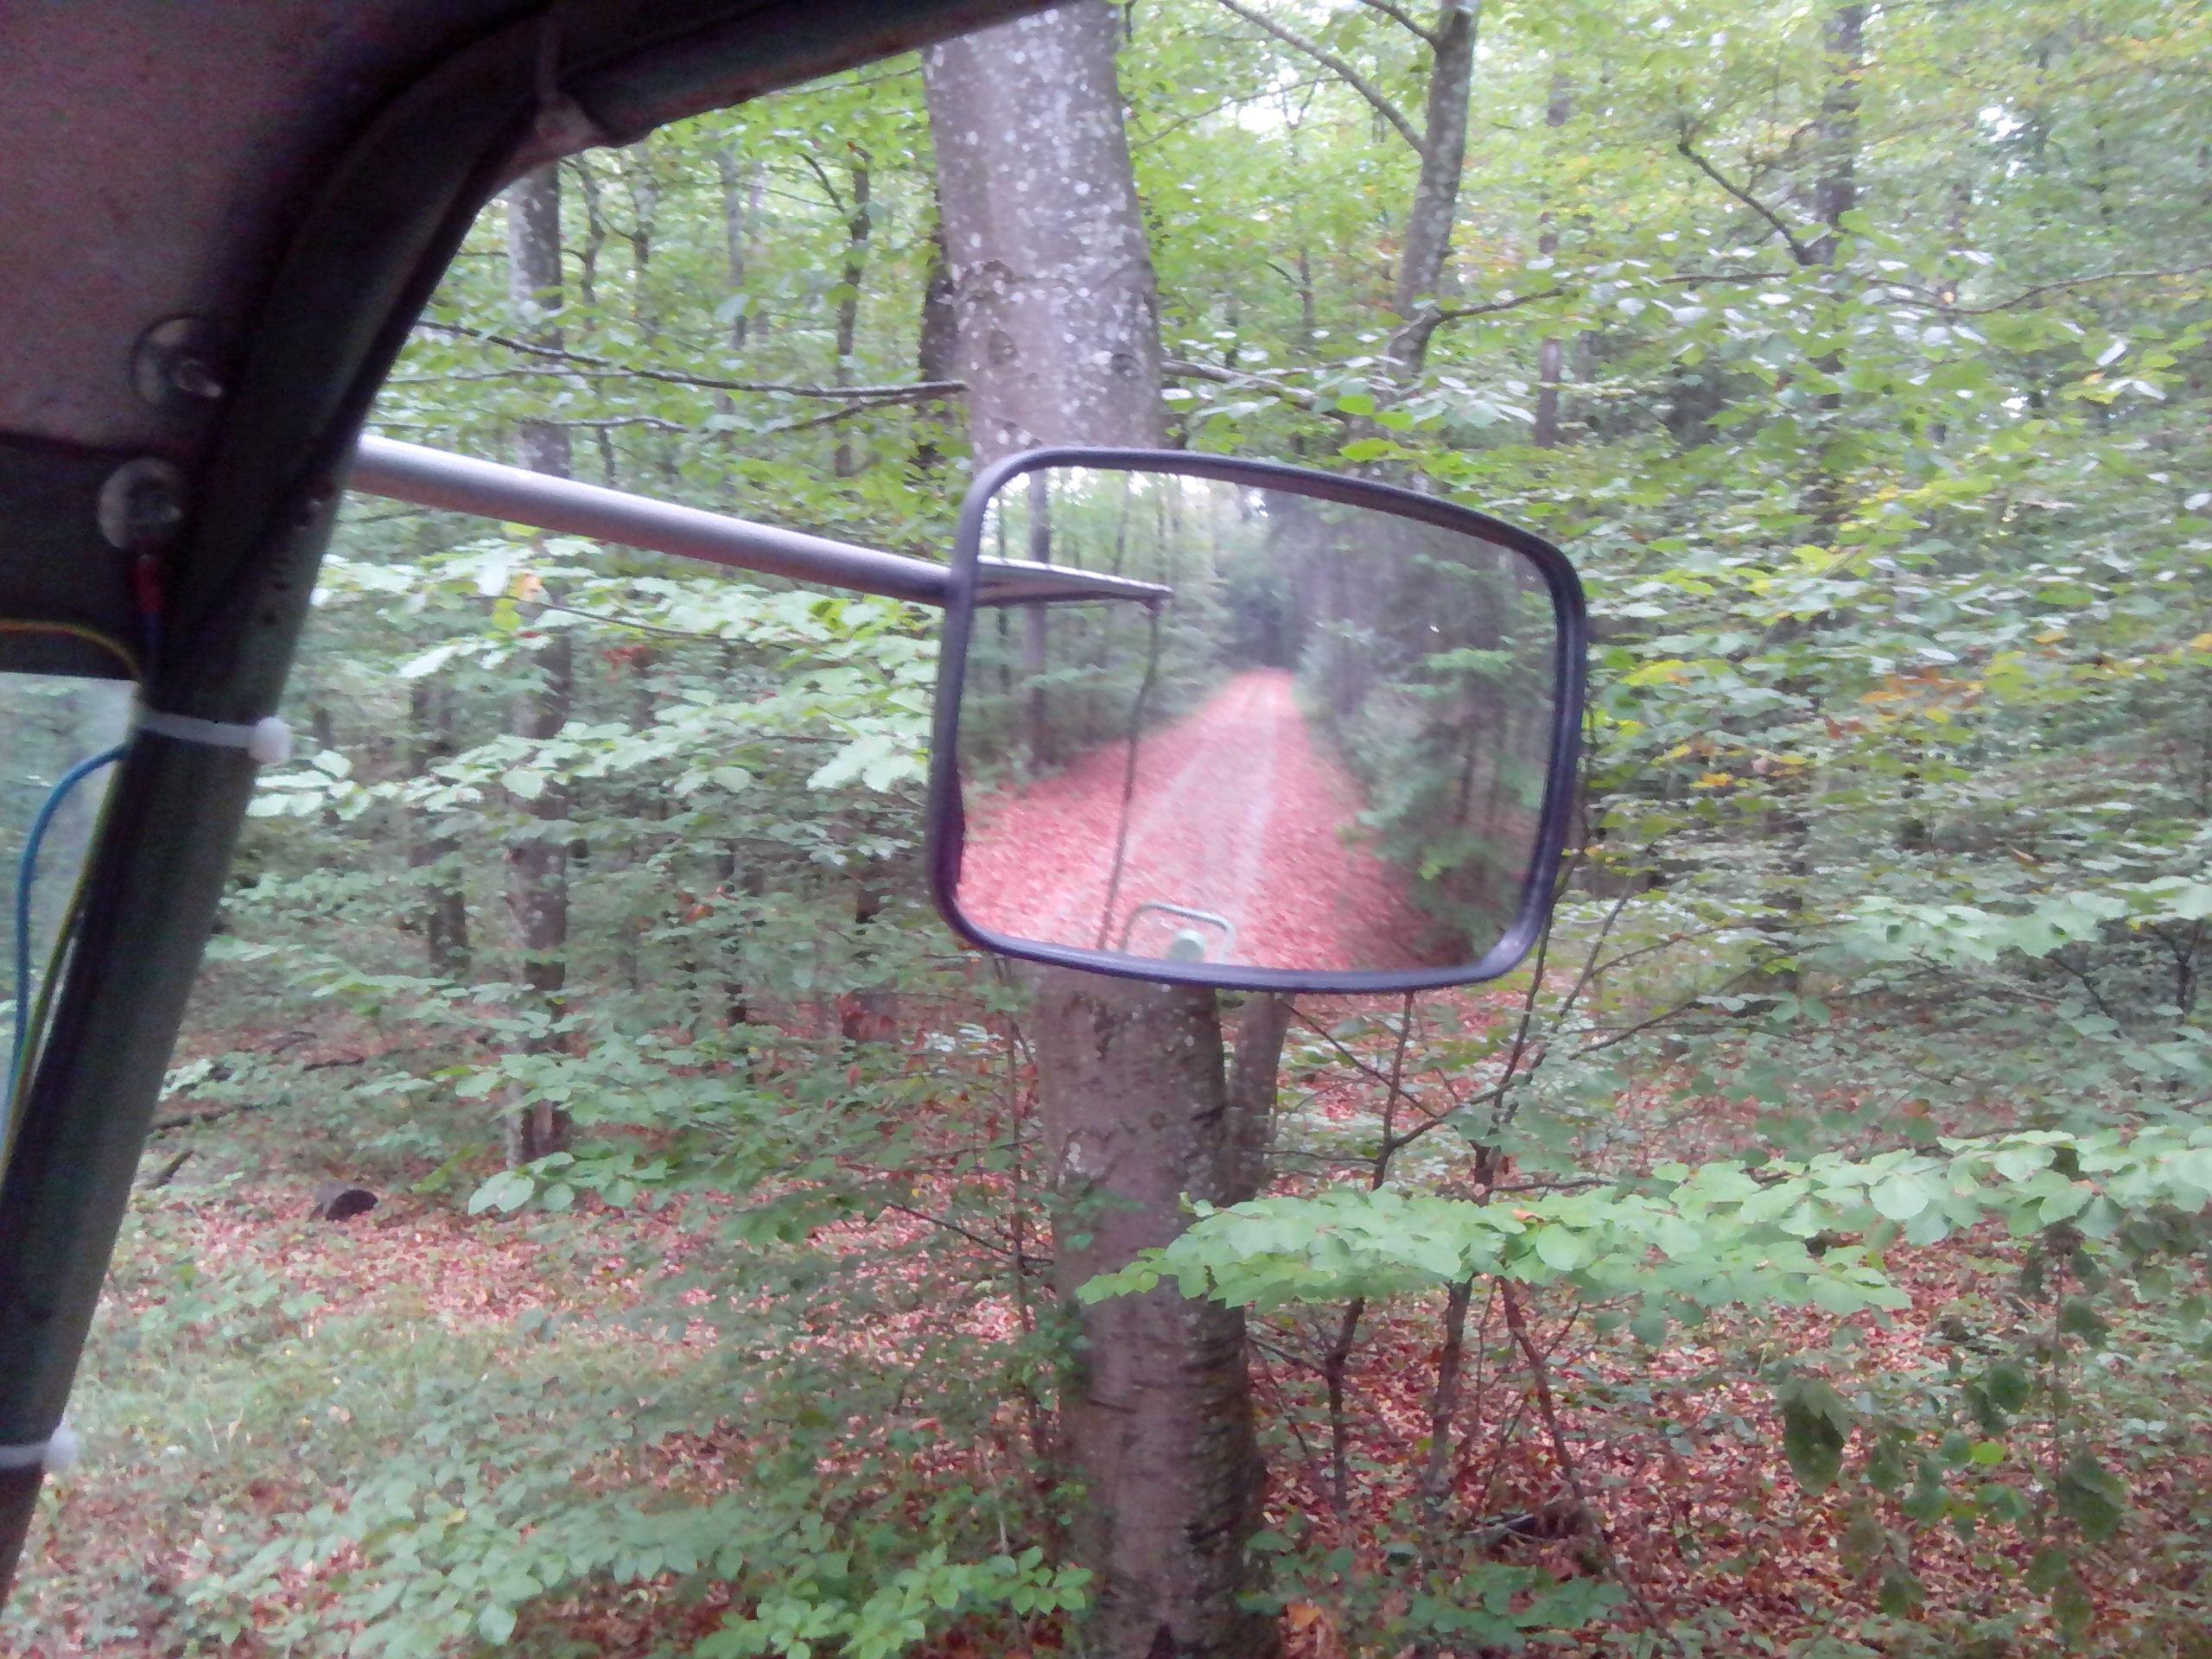 Die neue Rückspiegelhalterung aus einer Titanstange hält auch den Erschütterungen auf Waldwegen stand